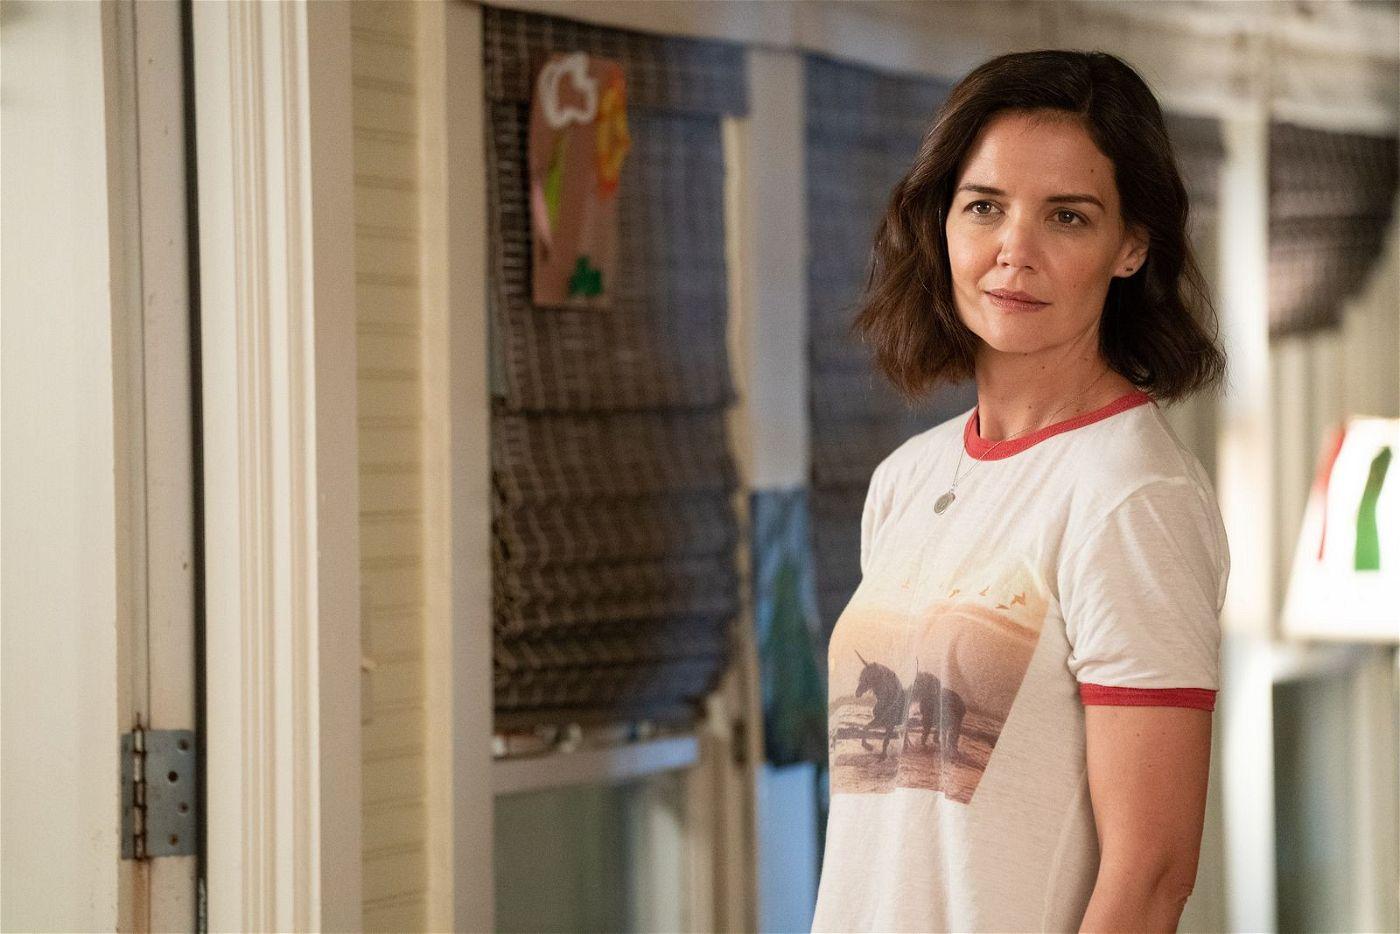 Als Miranda (Katie Holmes) anfängt, an schöne Dinge zu denken, bekommt ihr Leben plötzlich Sinn.